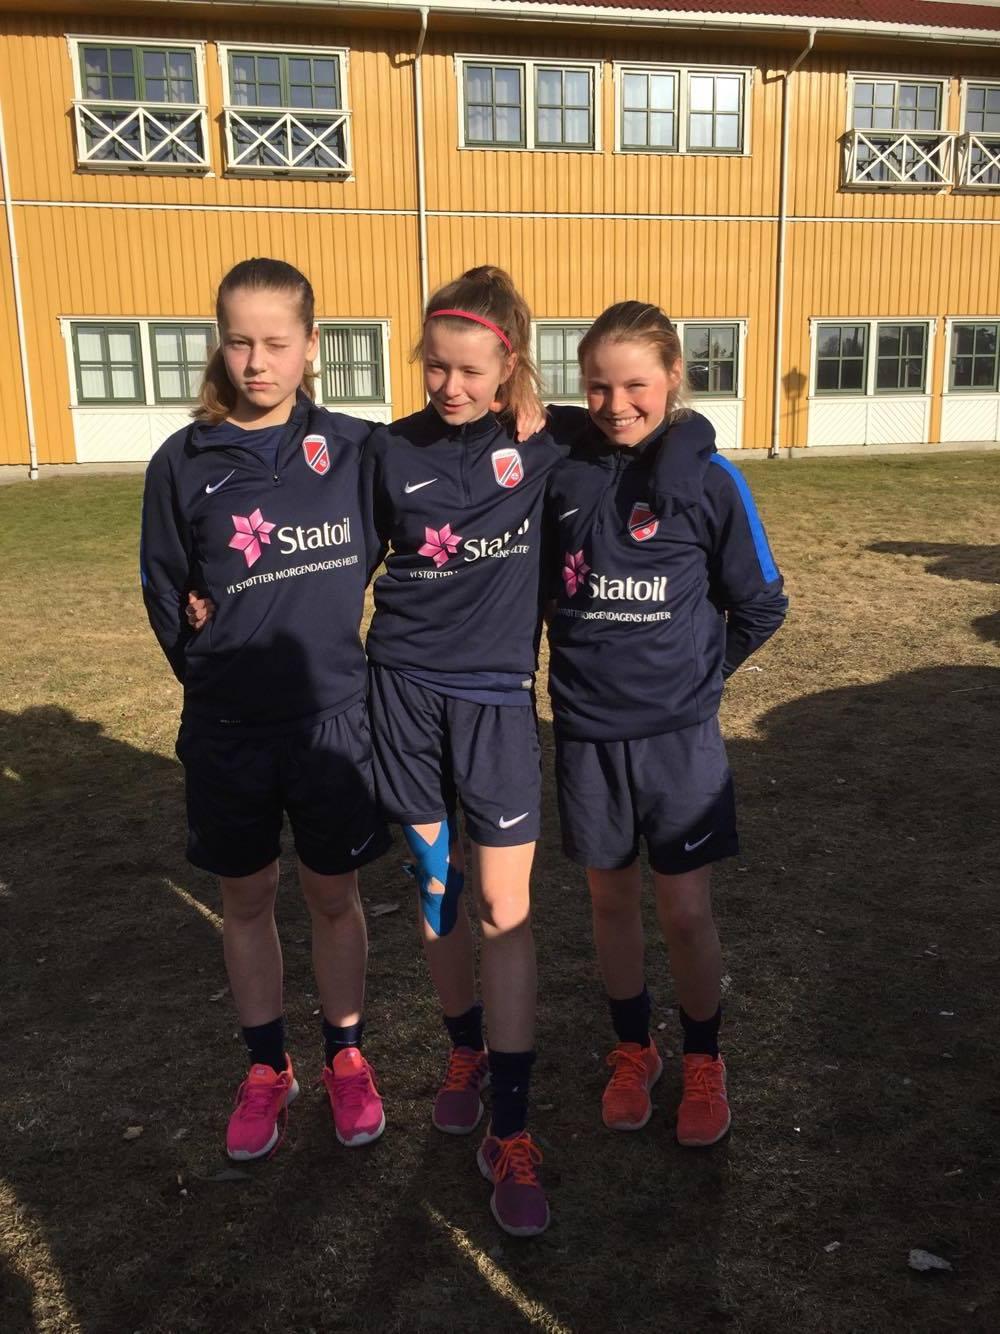 Lynjentene fikk kjenne litt på det øverste nivået i Norge på 2003-kullet, og gjorde seg godt bemerket. Alle jentene var på vinnerlaget da treningskamp nr 2 ble gjennomført på samlingens siste dag.